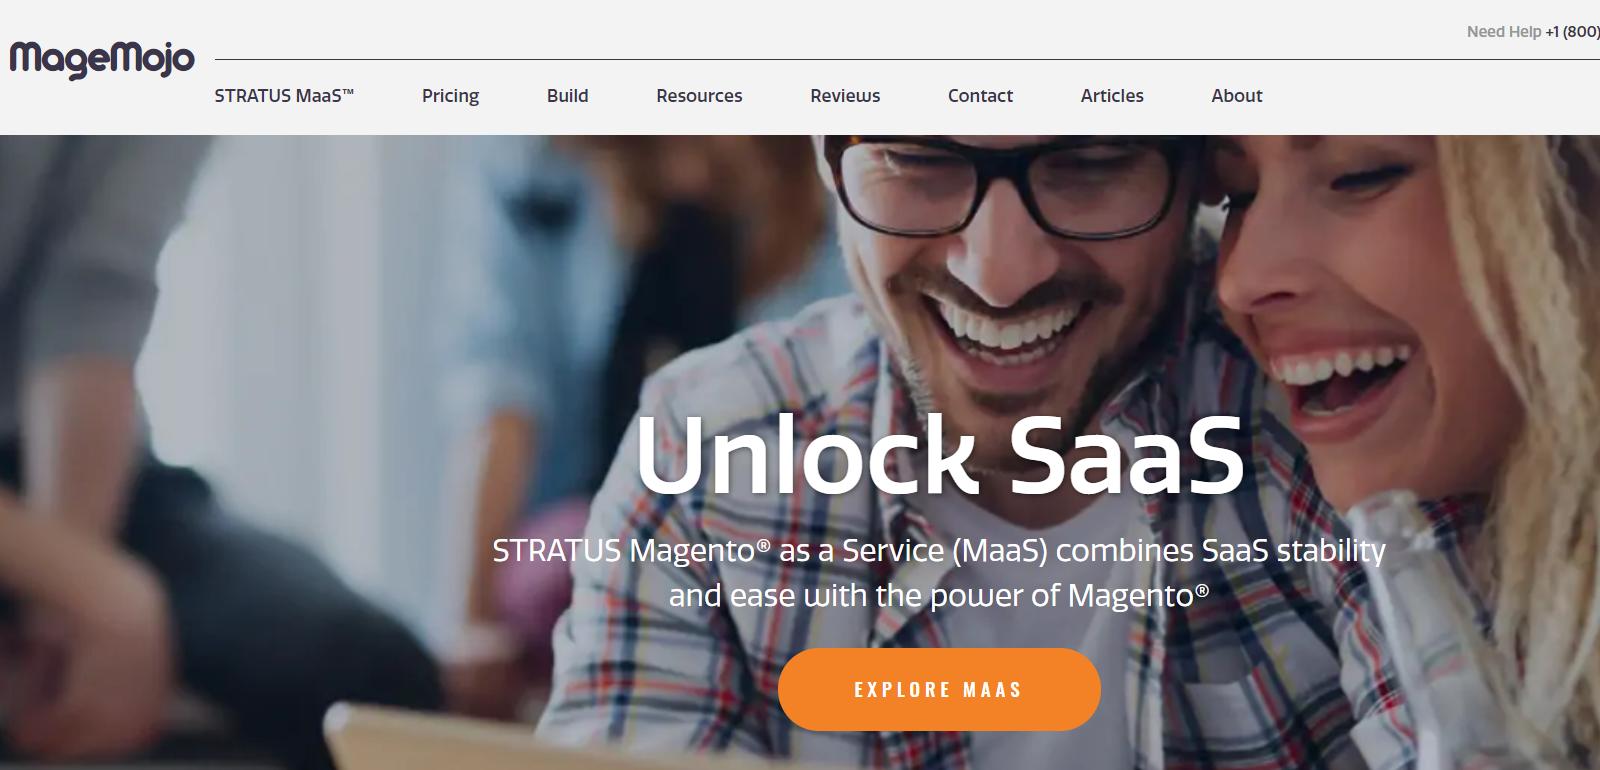 magento hosting companies